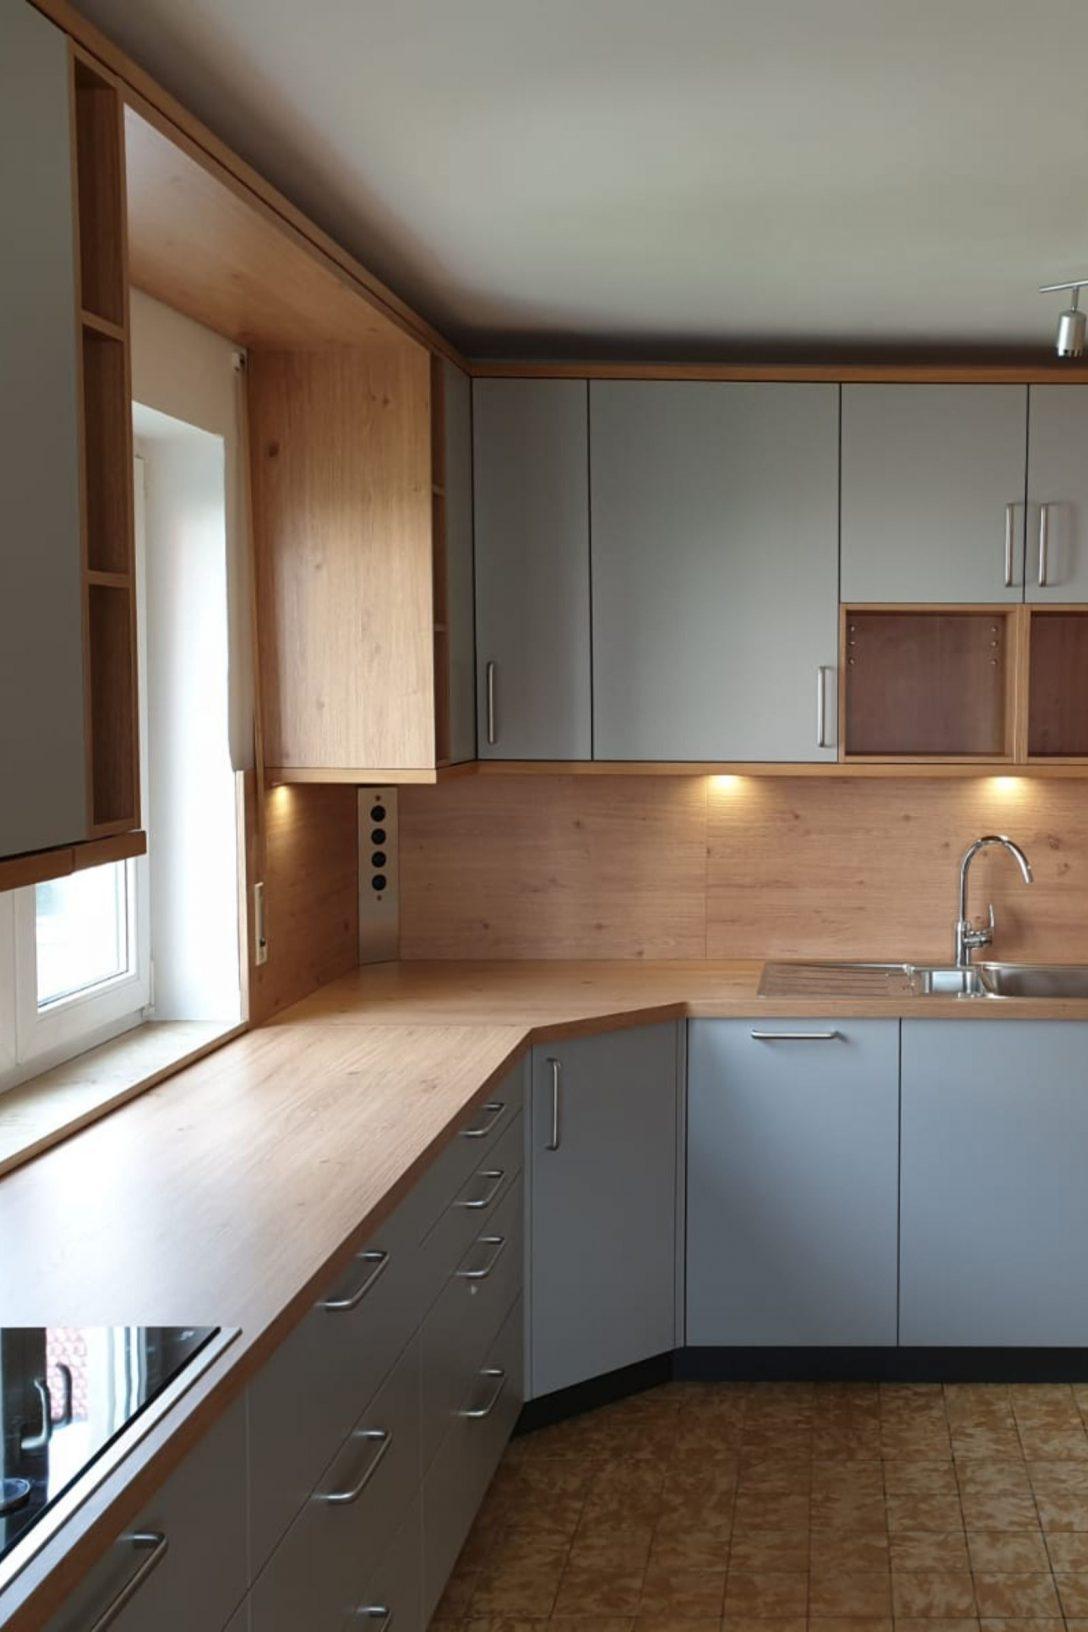 Large Size of Küchenideen Ihr Kchenspezialist In Weienhorn Wirth Homecompany Wohnzimmer Küchenideen